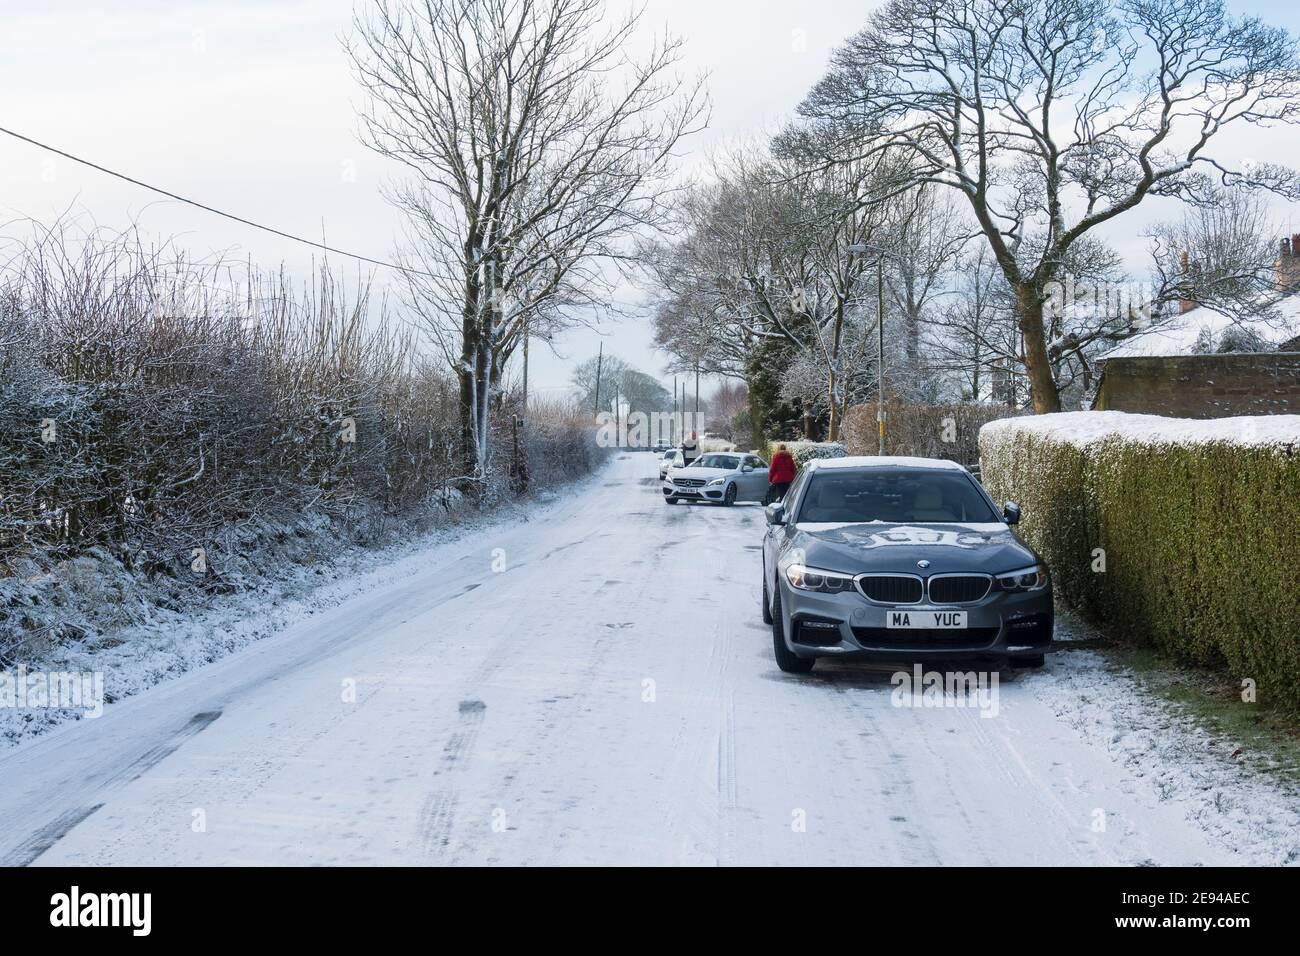 Voitures bloquées sur une route couverte de glace Banque D'Images